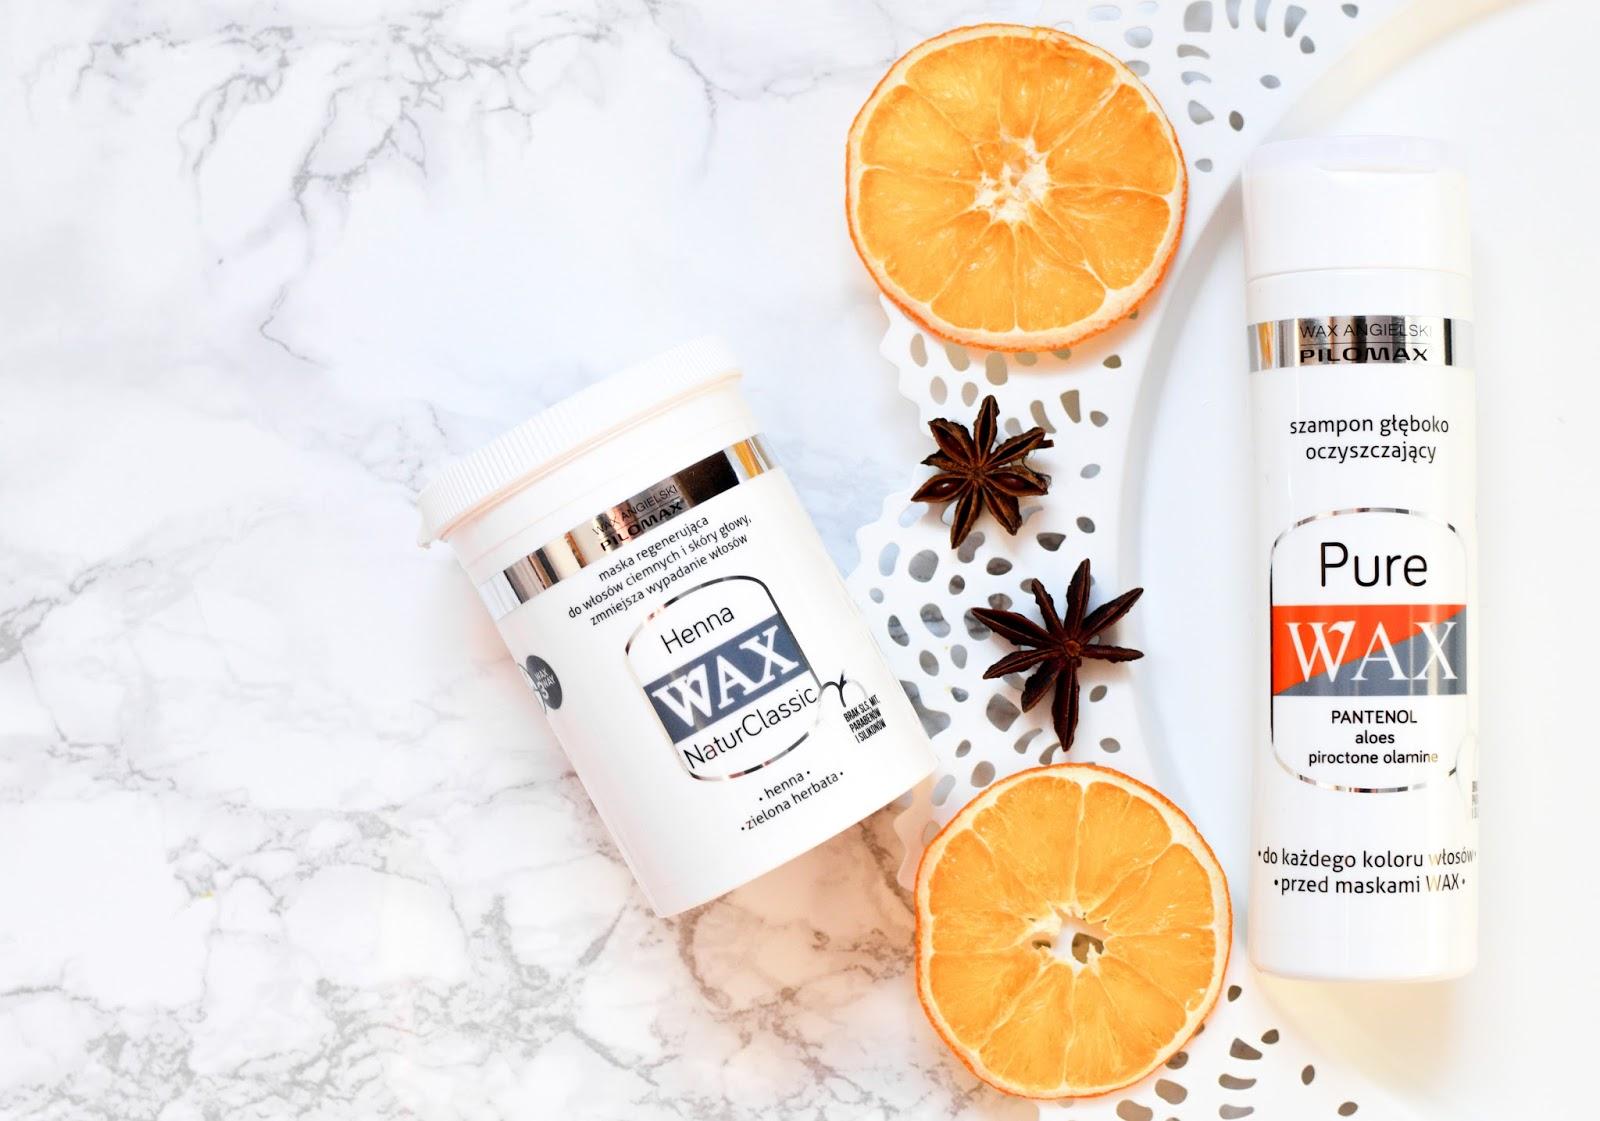 WAX ANGIELSKI PILOMAX - szampon PURE WAX & maska HENNA WAX NATURCLASSIC